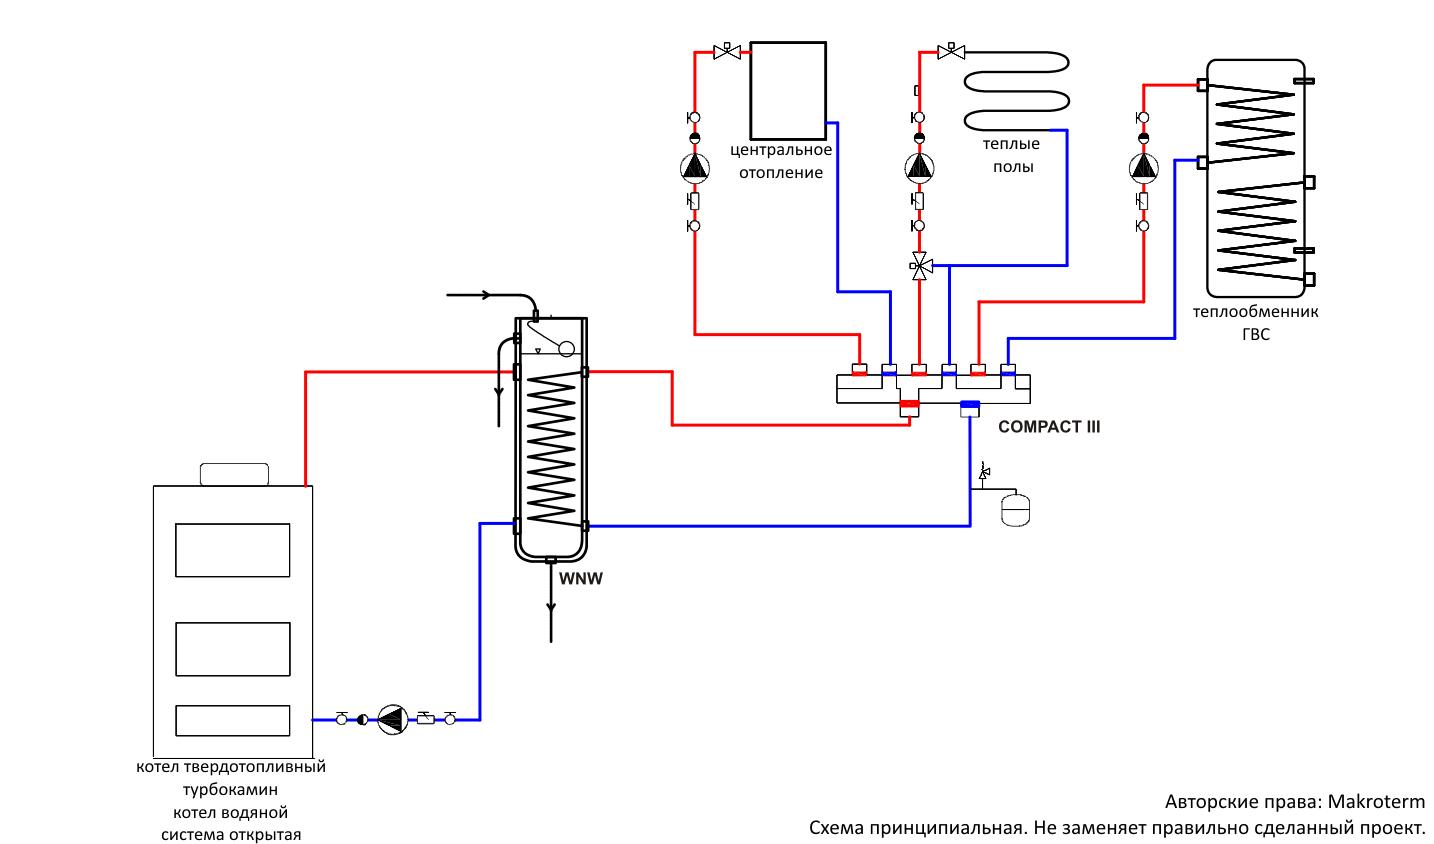 Схема подключения теплообменника гвс центральному отоплению